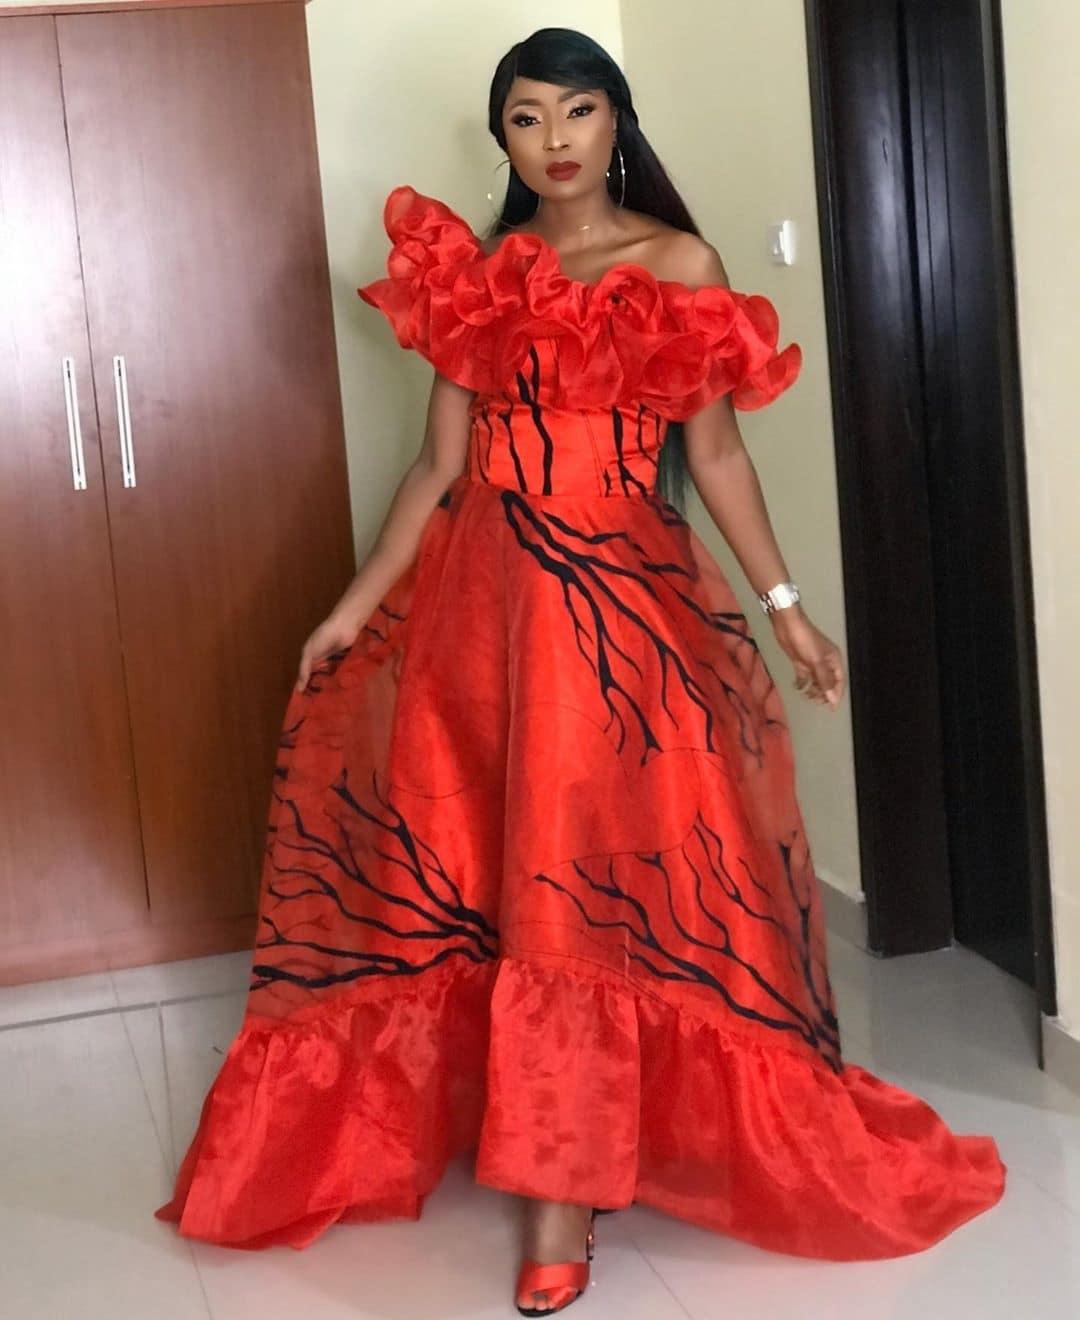 belinda-effah-red-dress